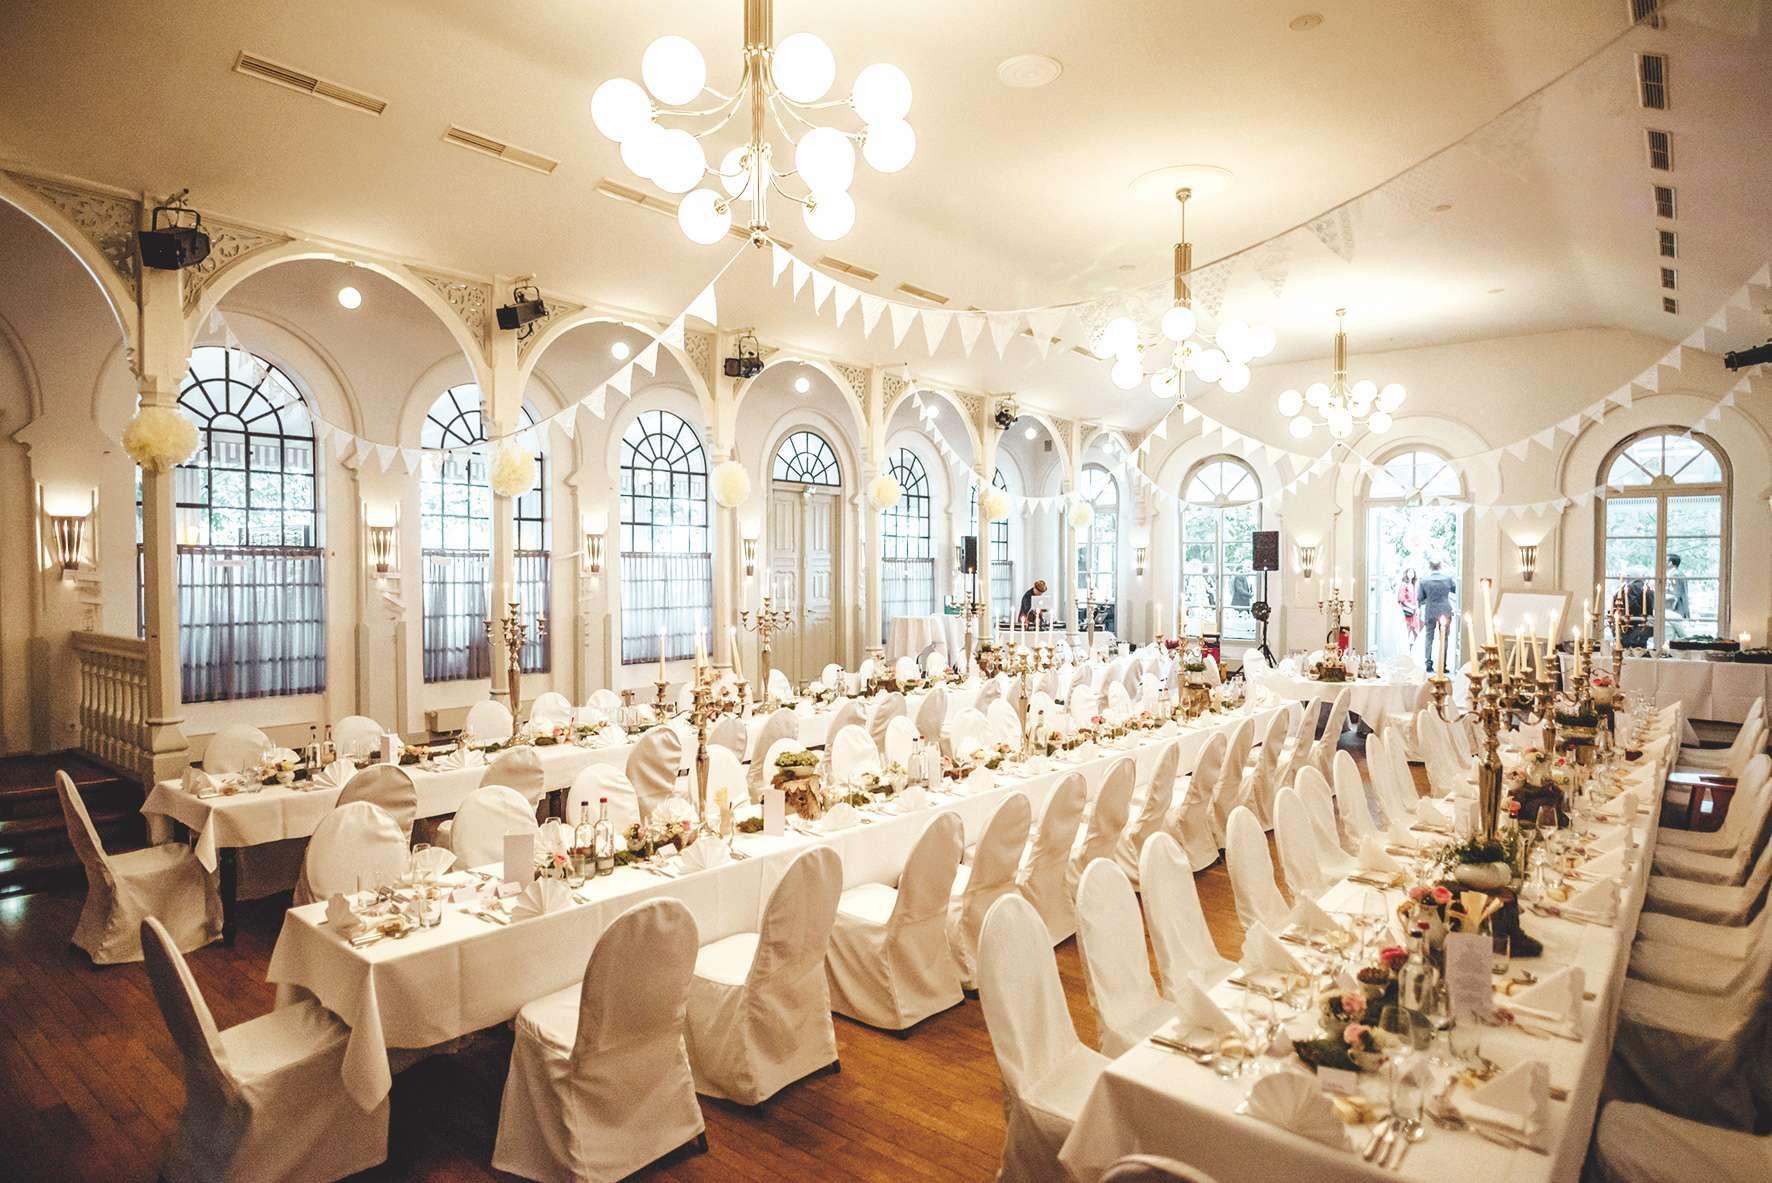 Zollenspieker Fahrhaus Festsaal Fur Hochzeit In 2020 Hochzeit Orte Hochzeit Haus